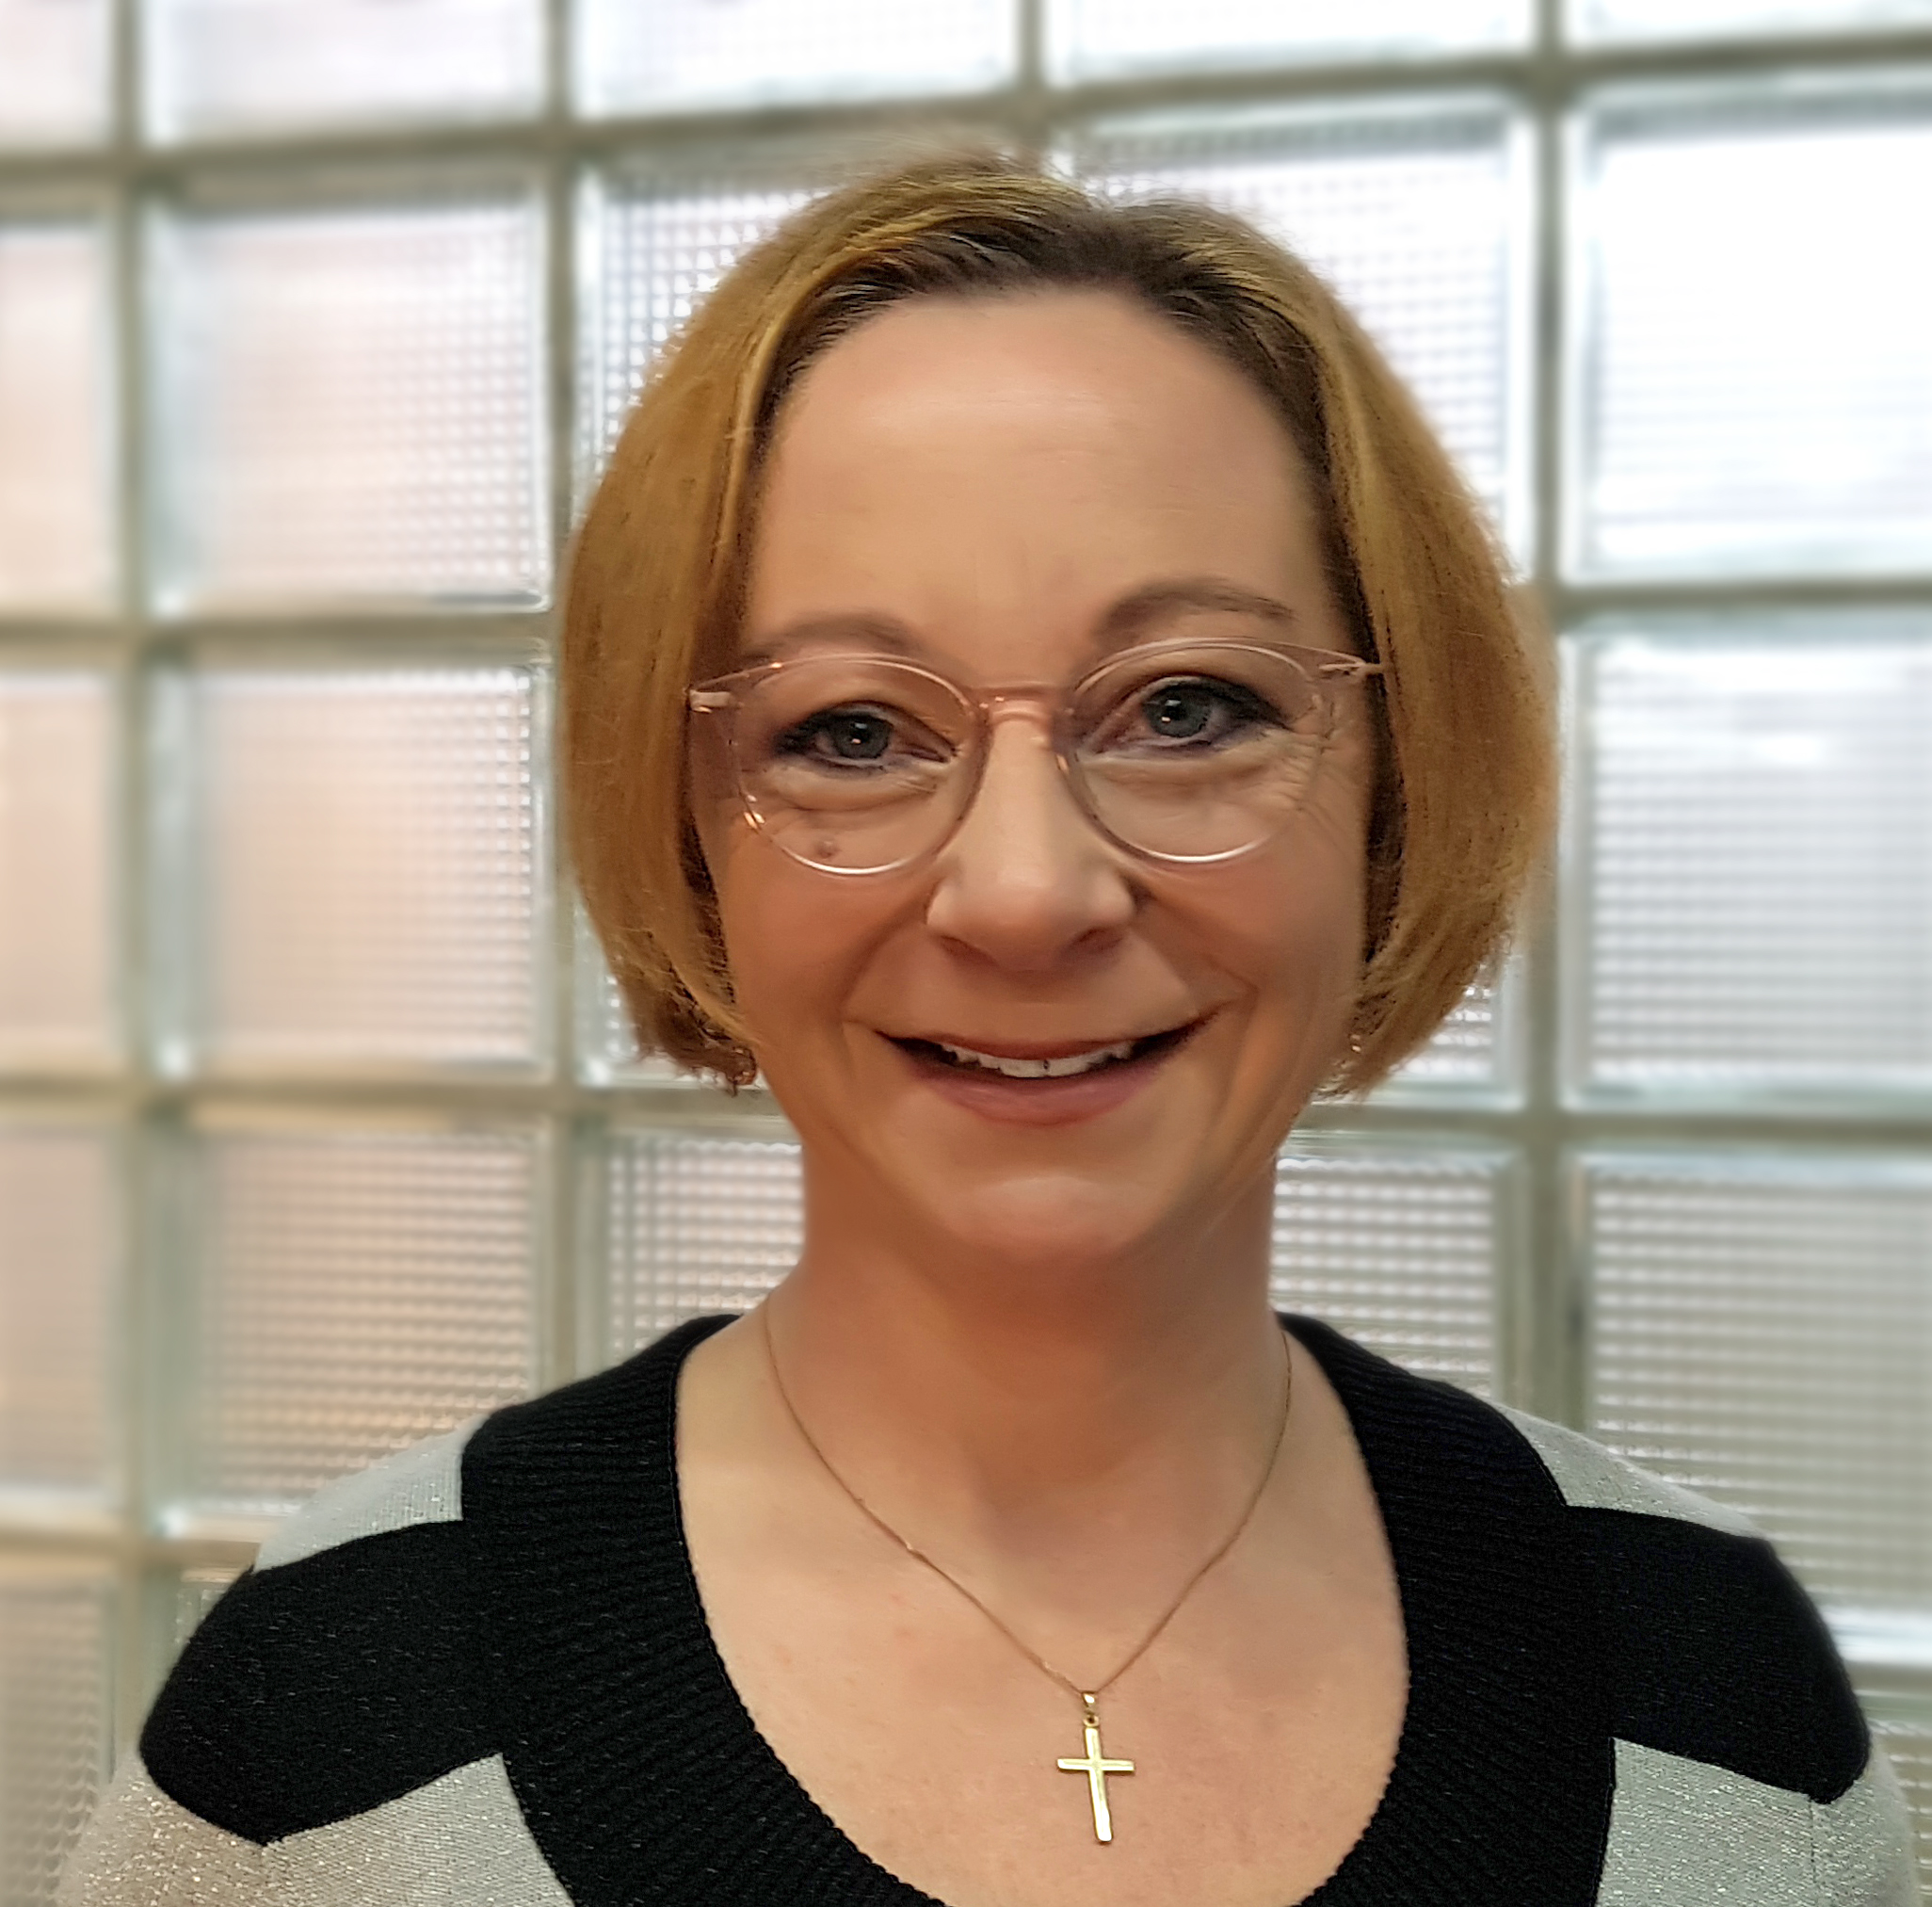 Kathrin-Mohenski